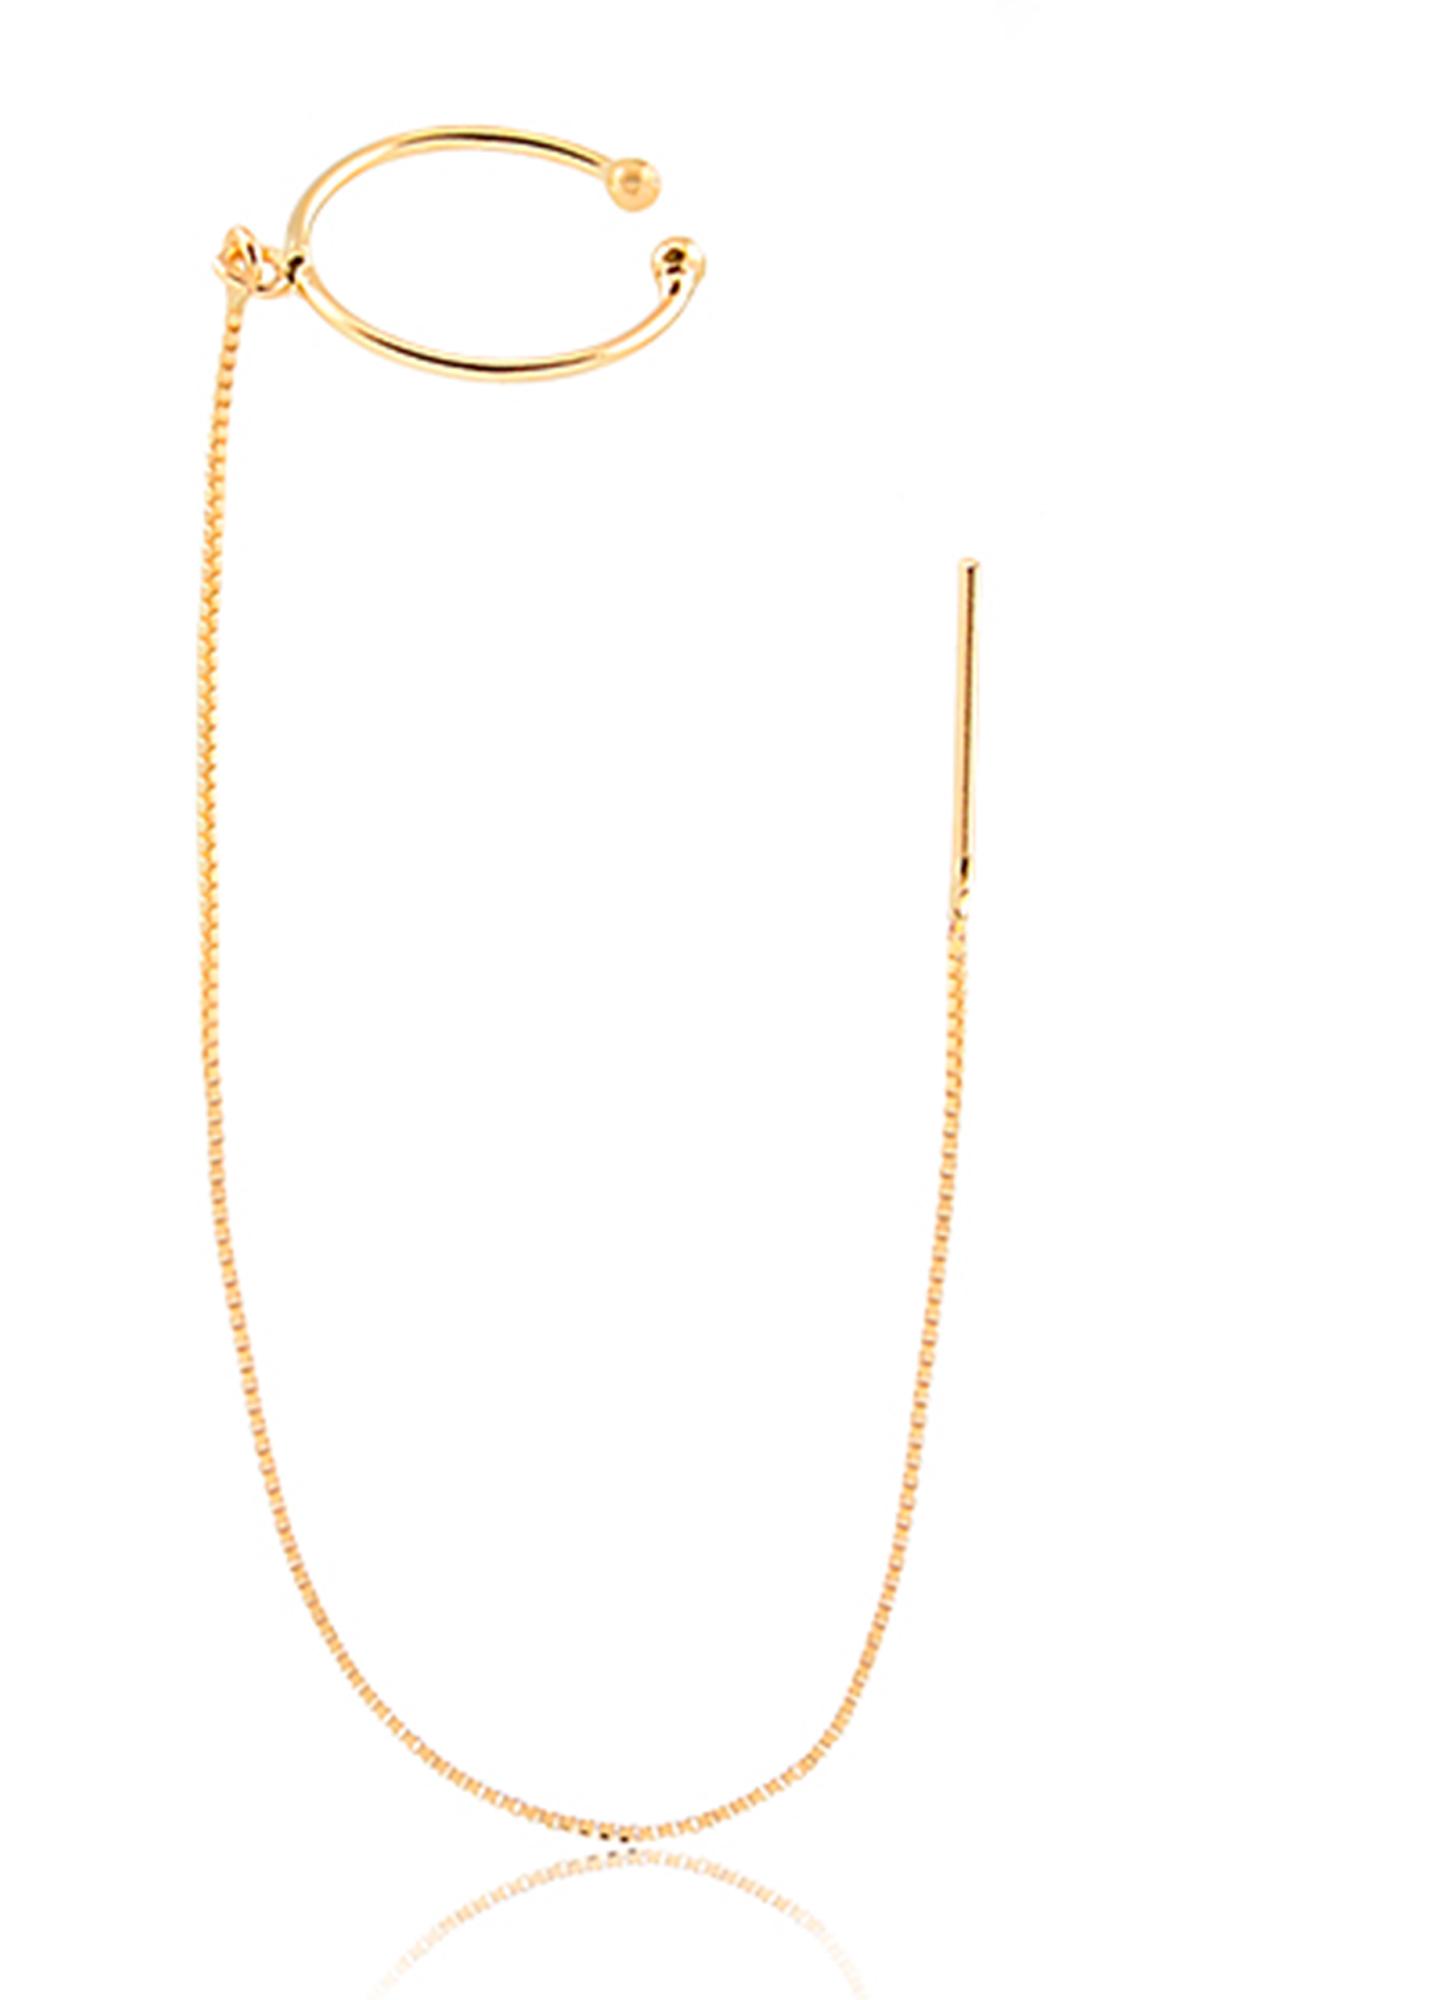 Brinco de Ouro Feminino Meio Par Brinco Piercing em Ouro 18k